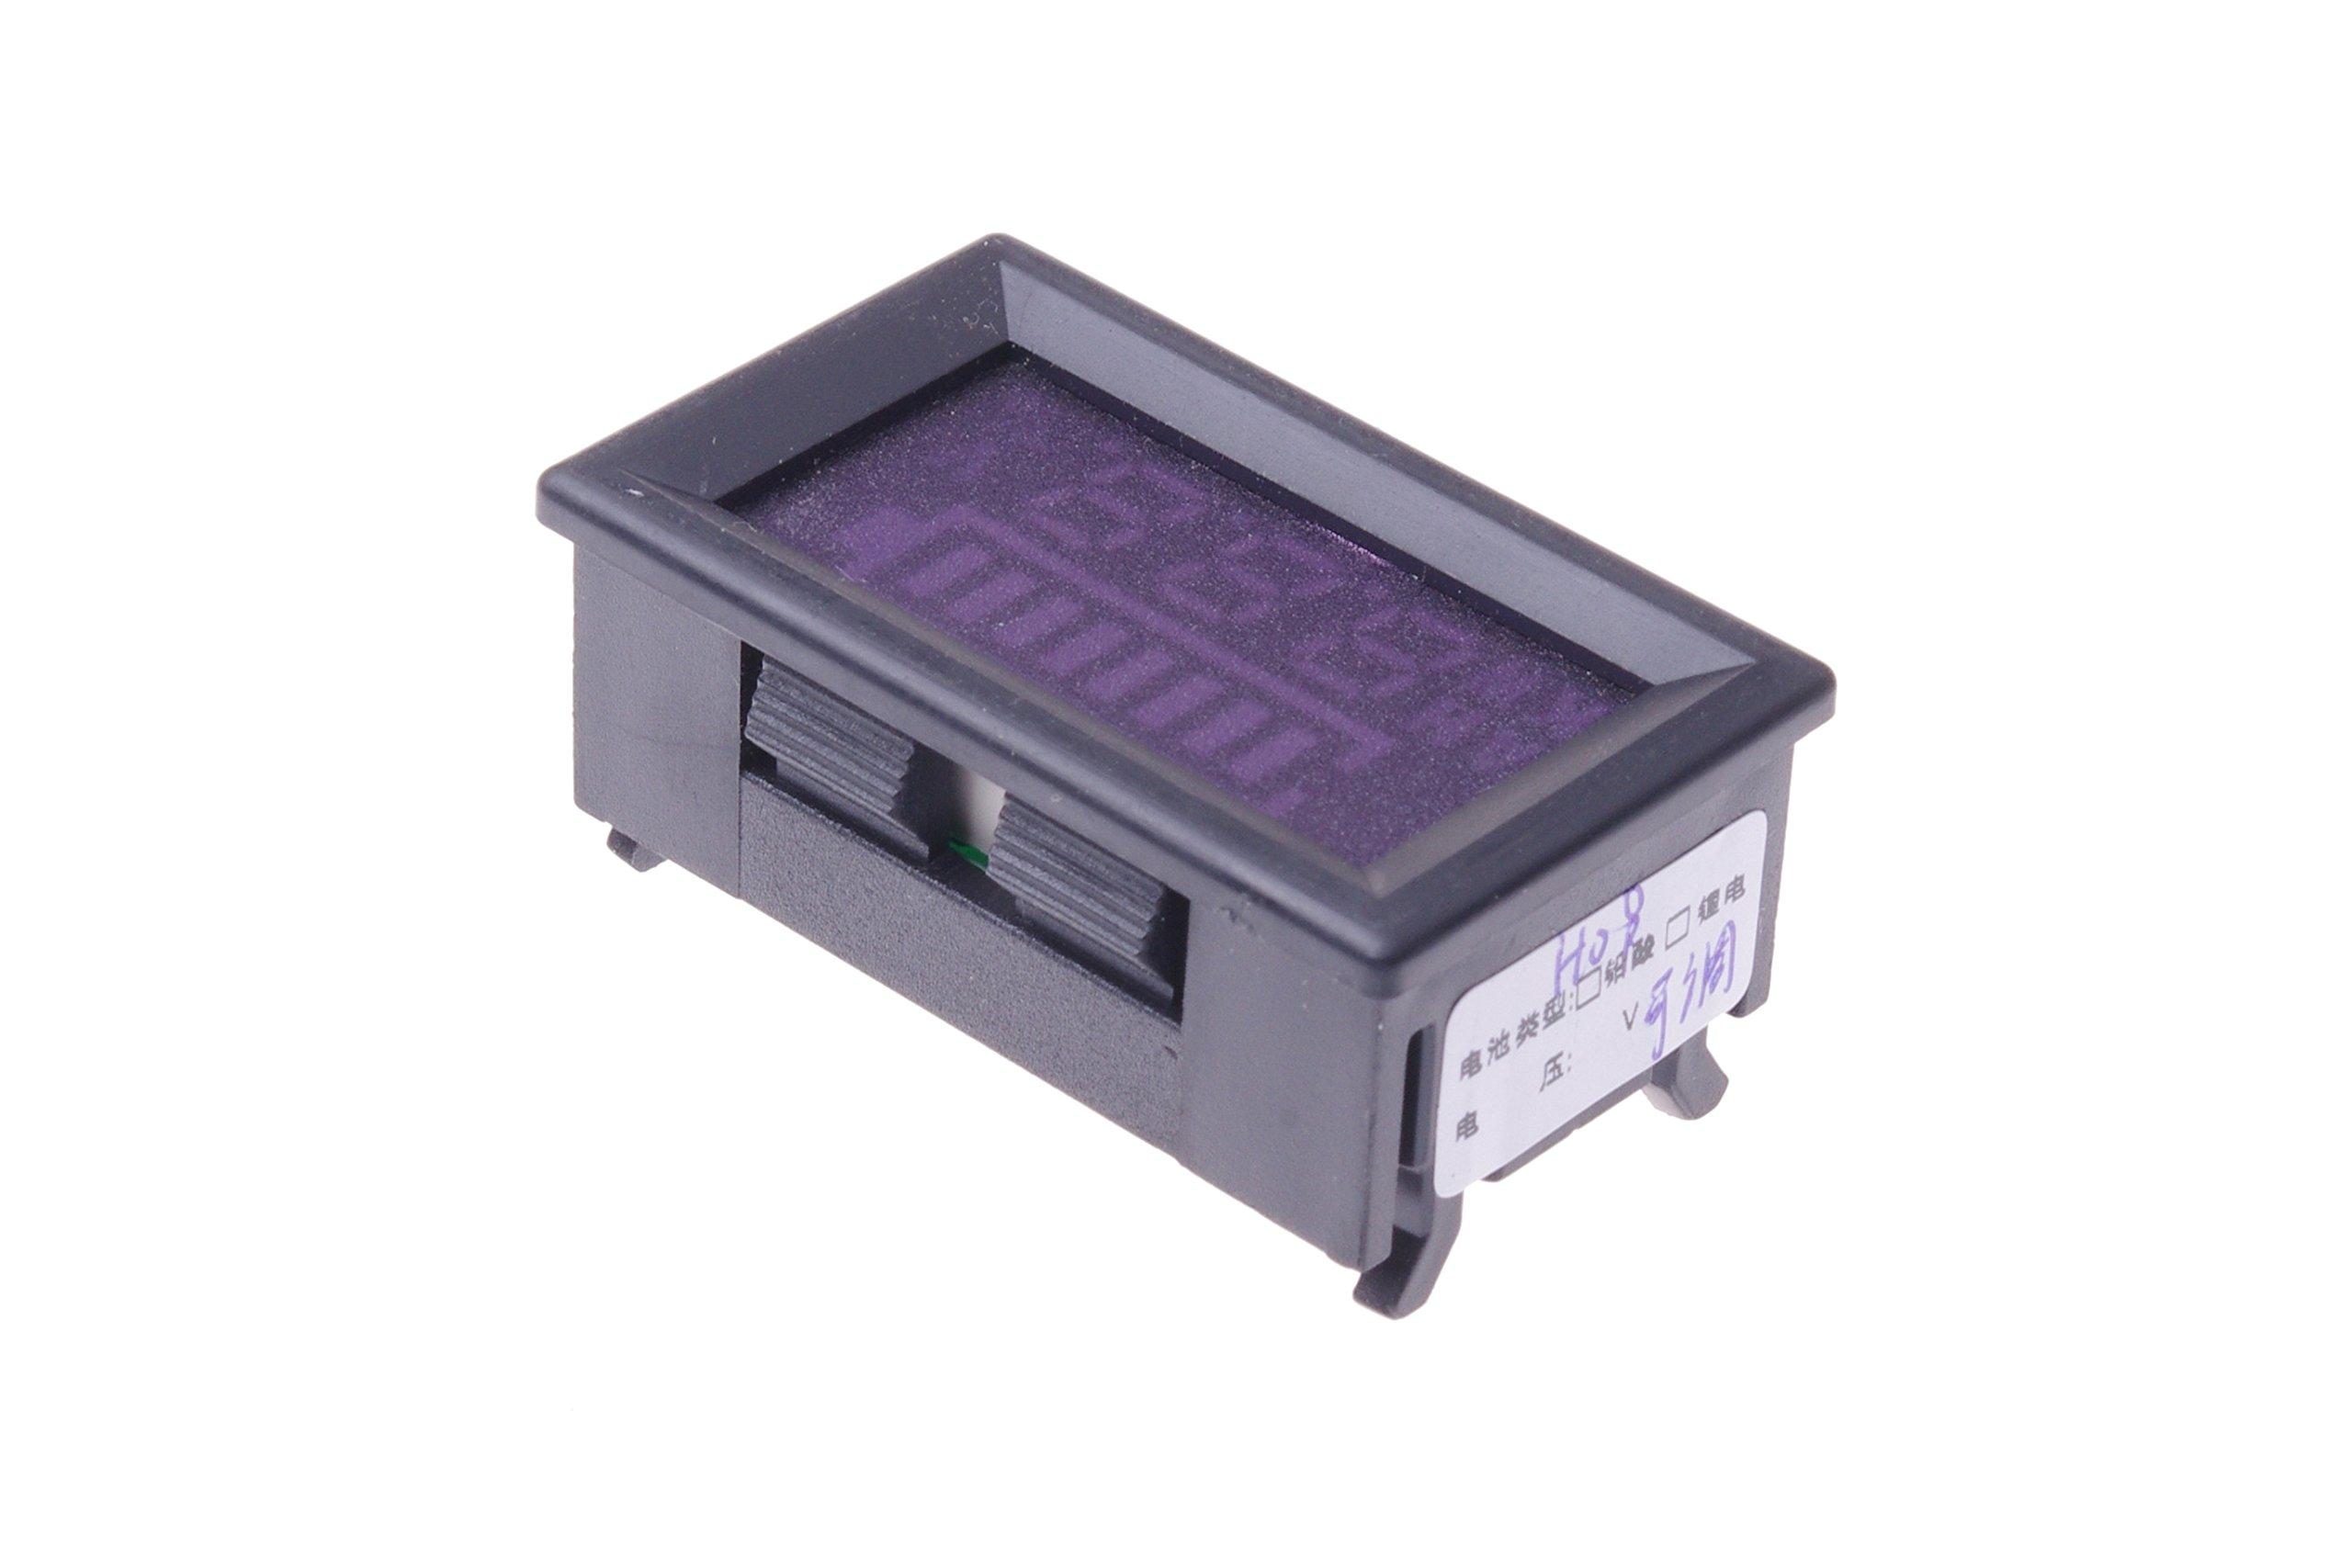 SMAKN DC 12v 24V 36V 48V 60V 72V 96V Acid lead batteries percentage capacity indicator LED Tester voltmeter With TTL OUTPUT by SMAKN (Image #9)